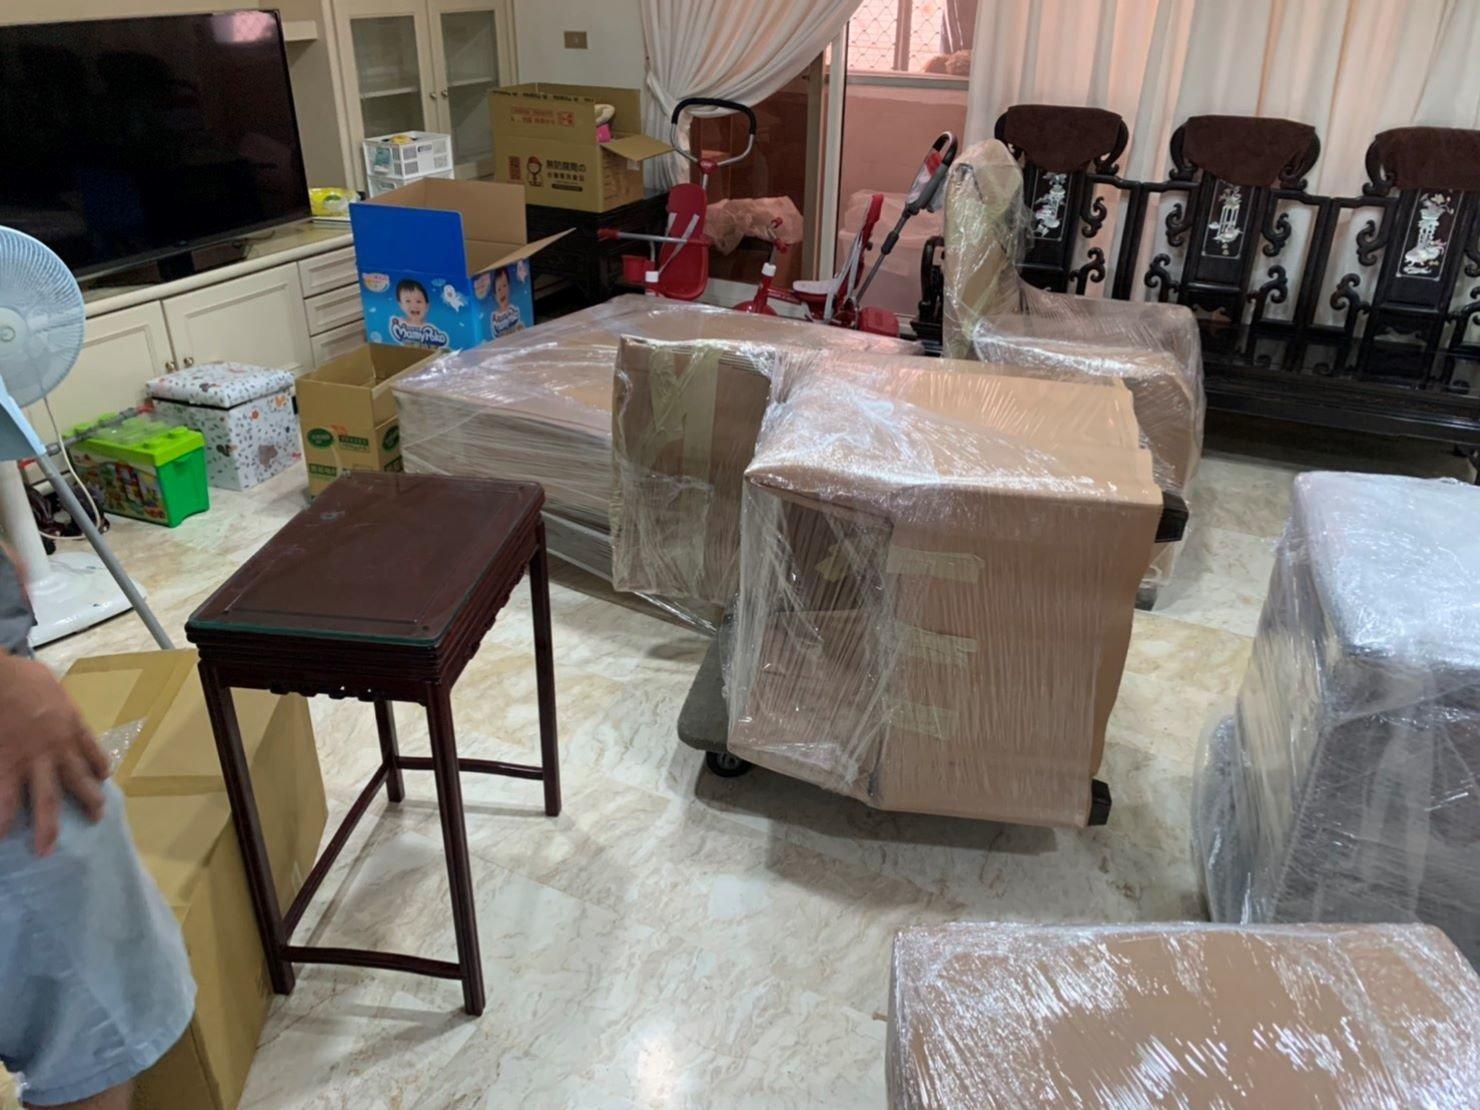 台北搬家公司推薦【榮福搬家公司】值得您來選擇:精緻化包裝服務需要的包裝材料榮福搬家均有販售 (材料另計價),打包服務計費是以小時計算/2位師傅。